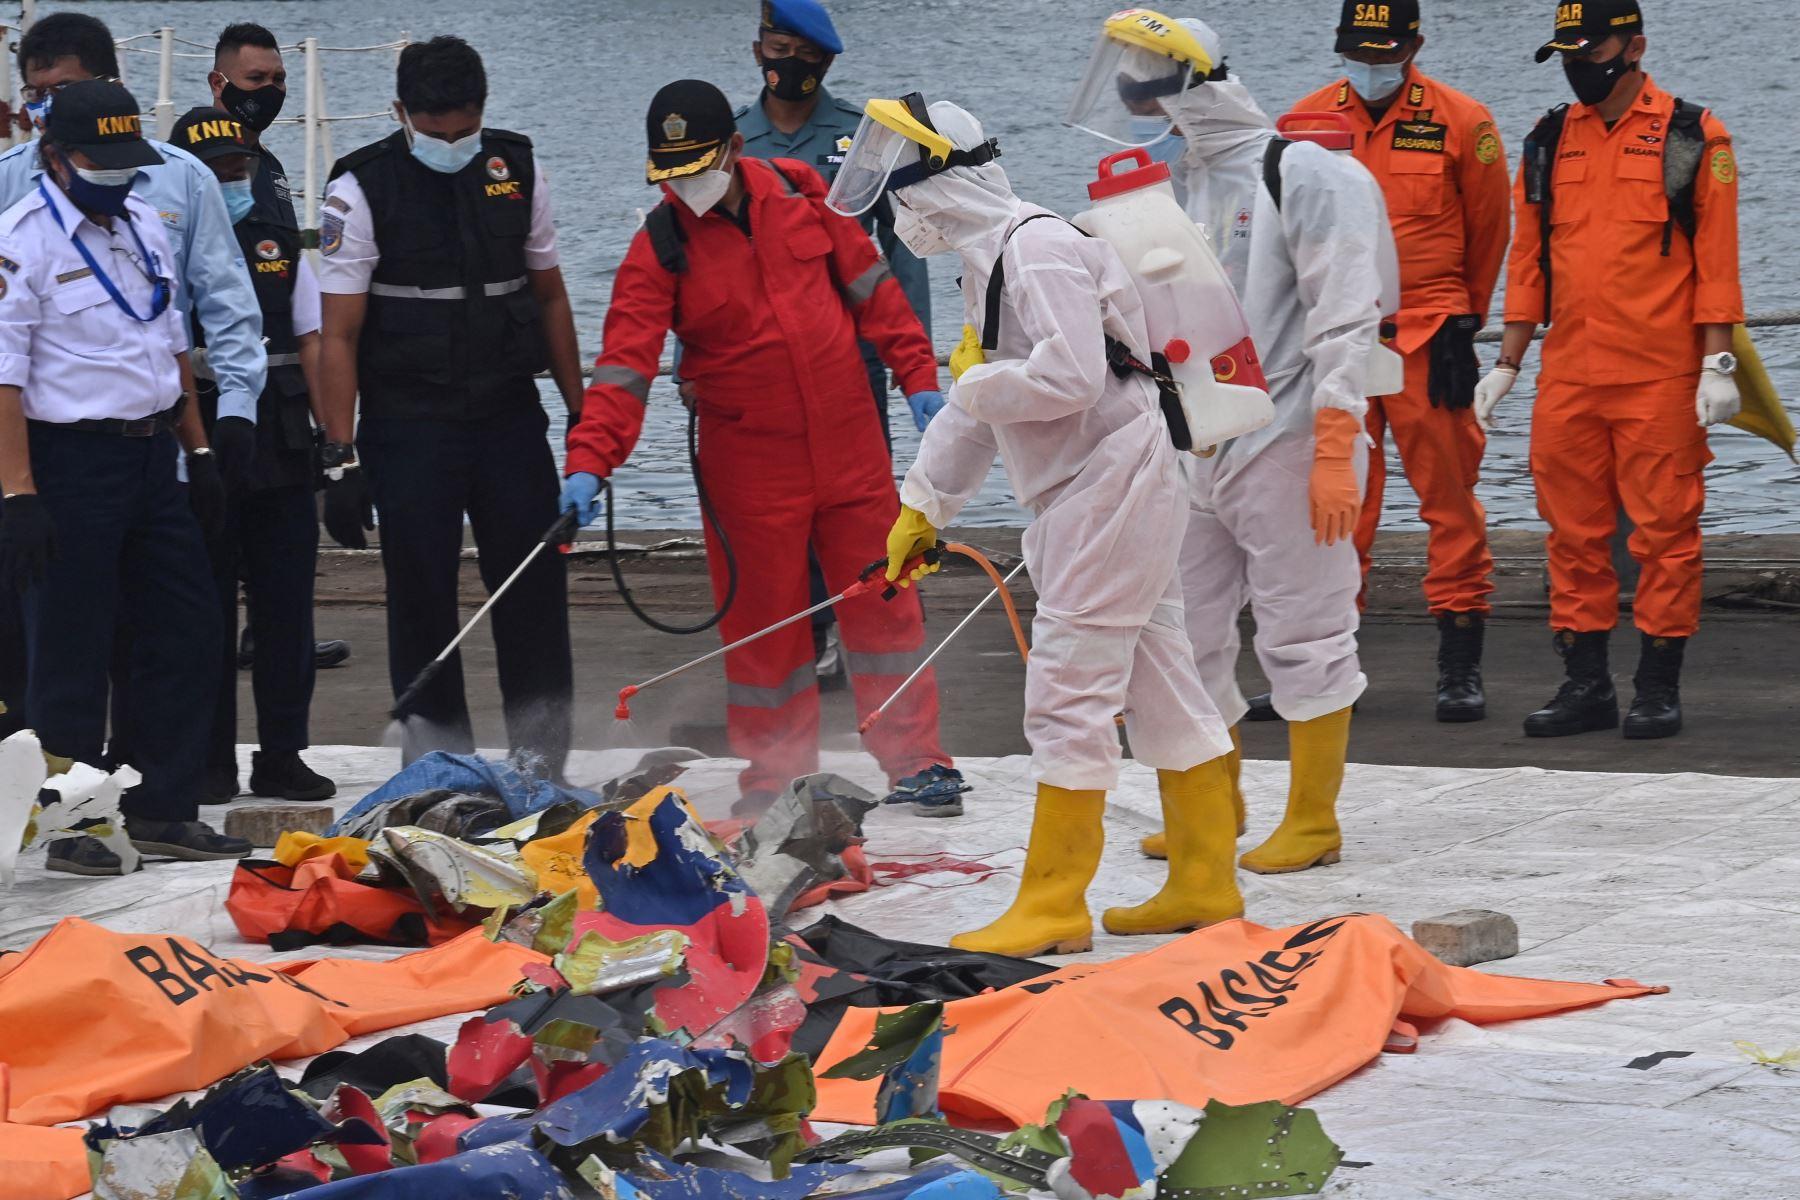 Miembros de la Cruz Roja Indonesia rocían desinfectante sobre artículos recuperados del vuelo SJ182 de Sriwijaya Air en el puerto de Tanjung Priok. Foto: AFP